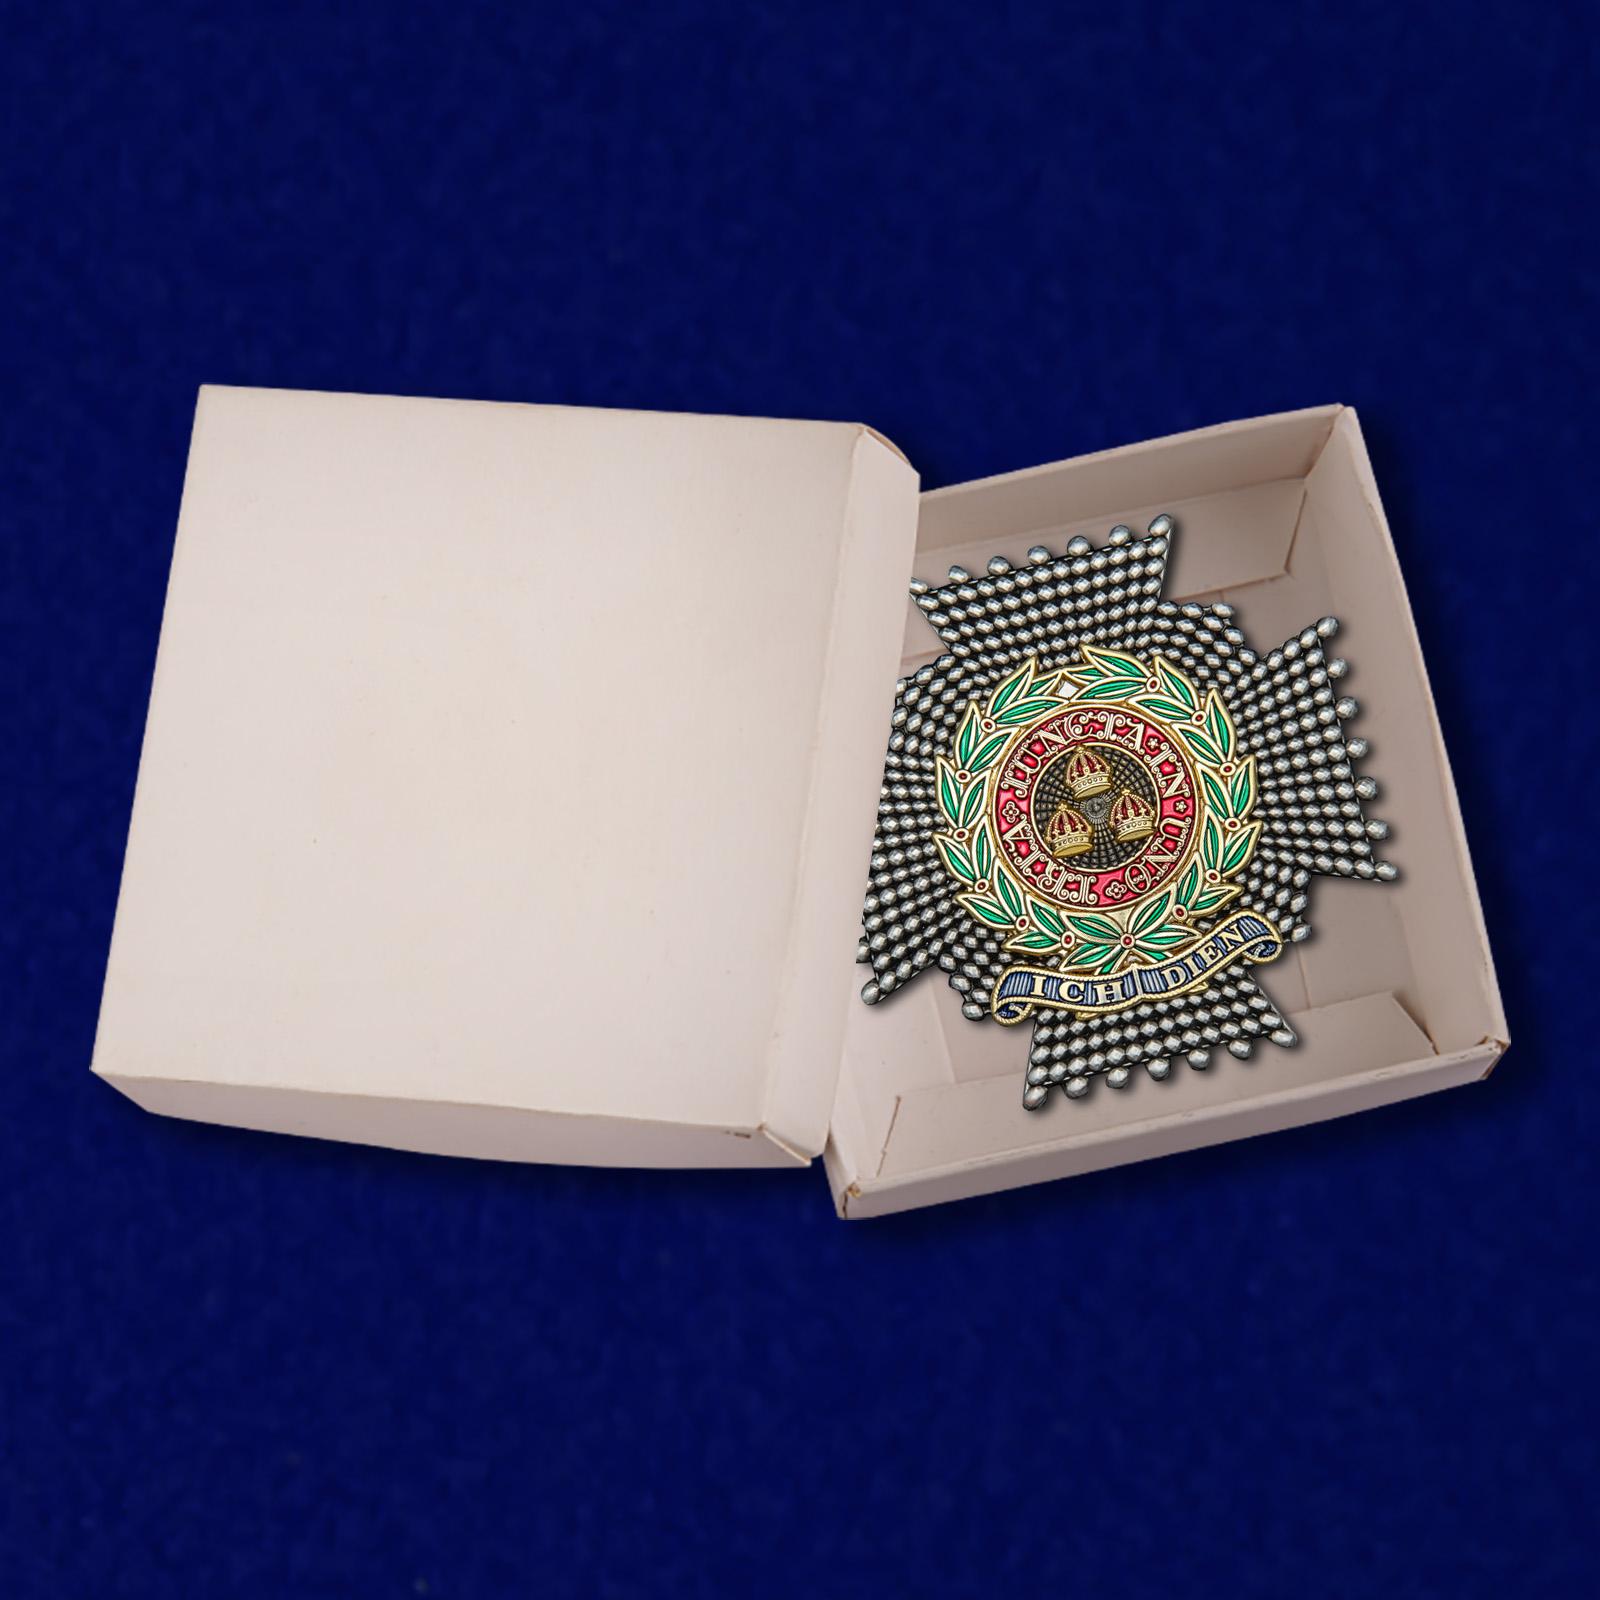 Орден Бани (Звезда Рыцаря-Командора) с доставкой